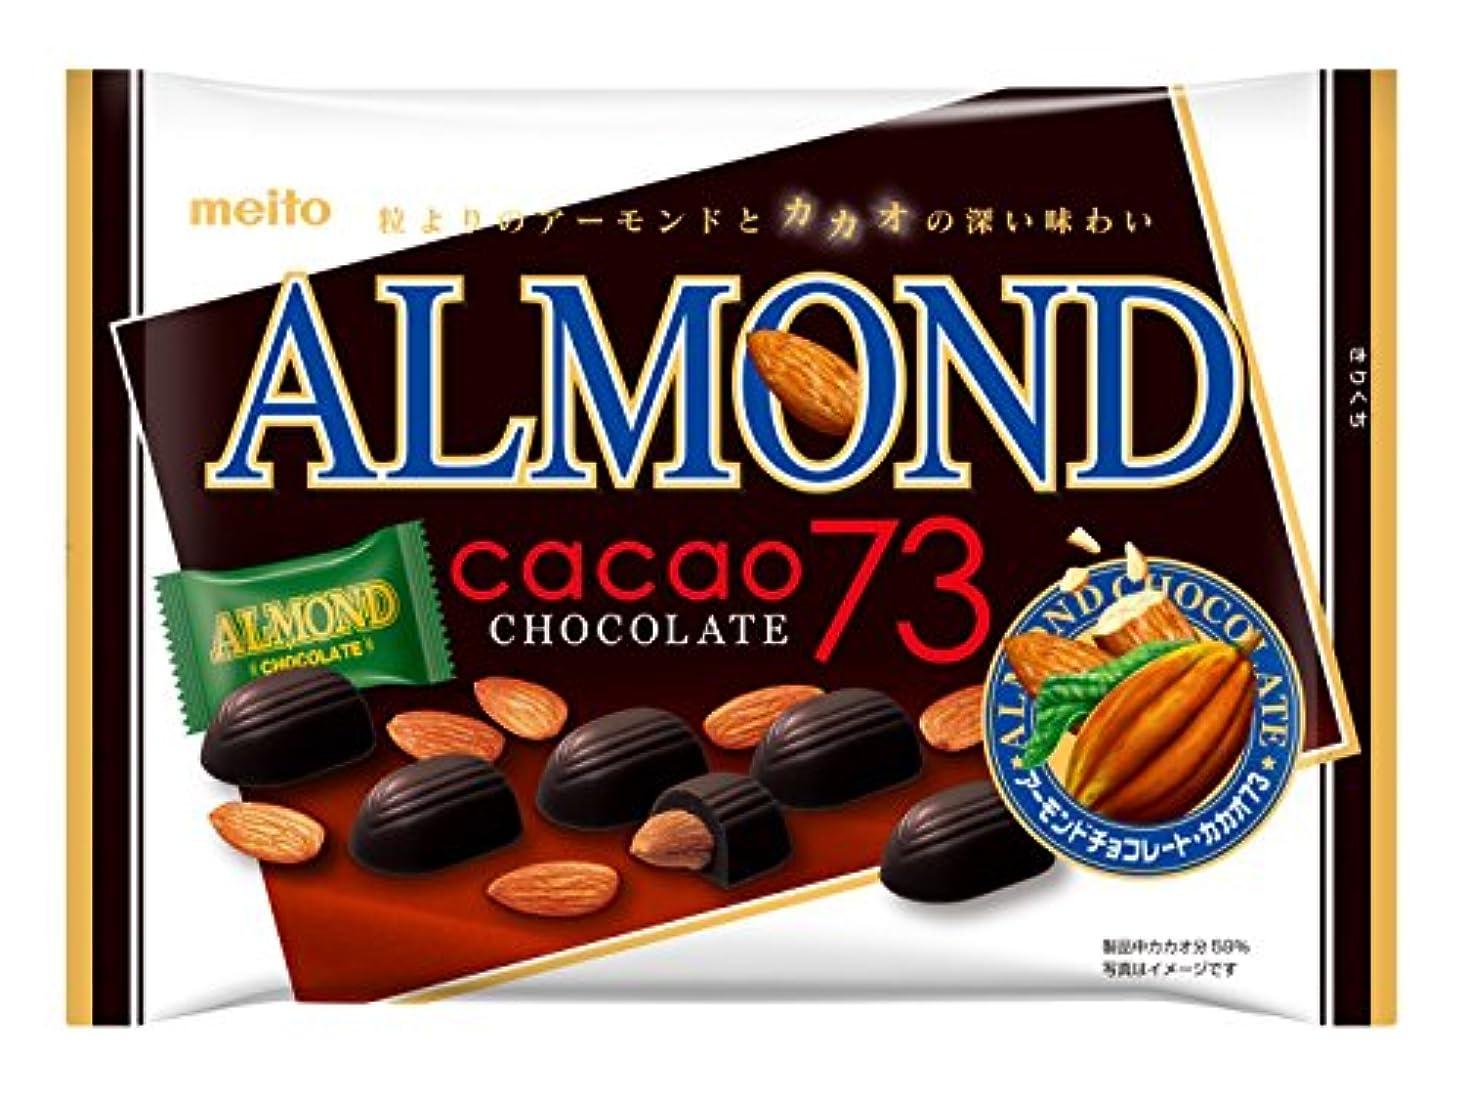 援助硫黄排除名糖産業 アーモンドチョコレートカカオ73 19粒×12袋